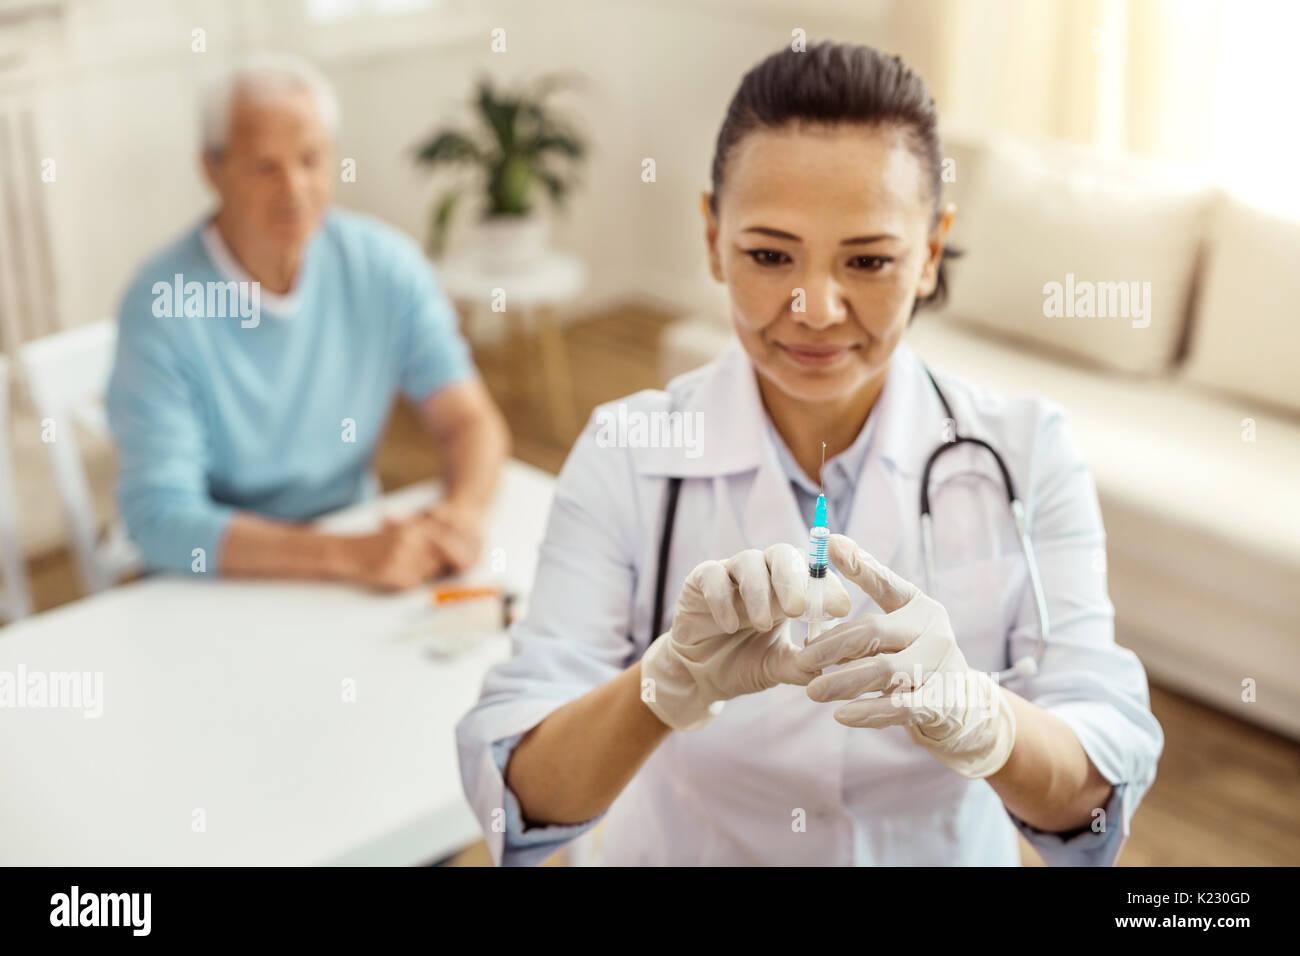 Fröhliche positive Krankenschwester Testen der Spritze Stockbild